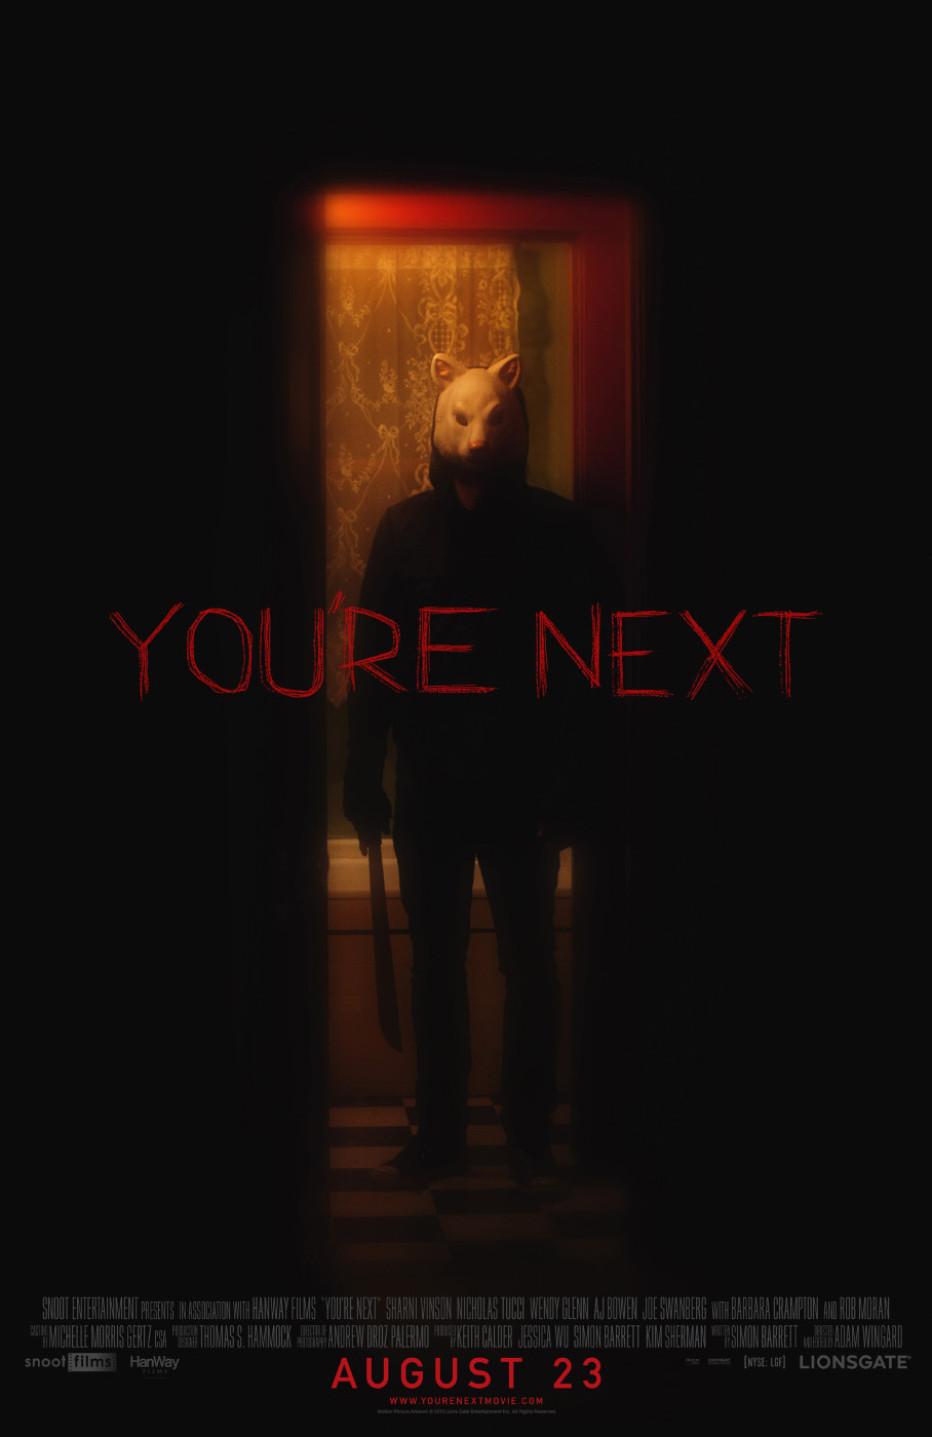 youre-next-2011-adam-wingard-06-poster.jpg